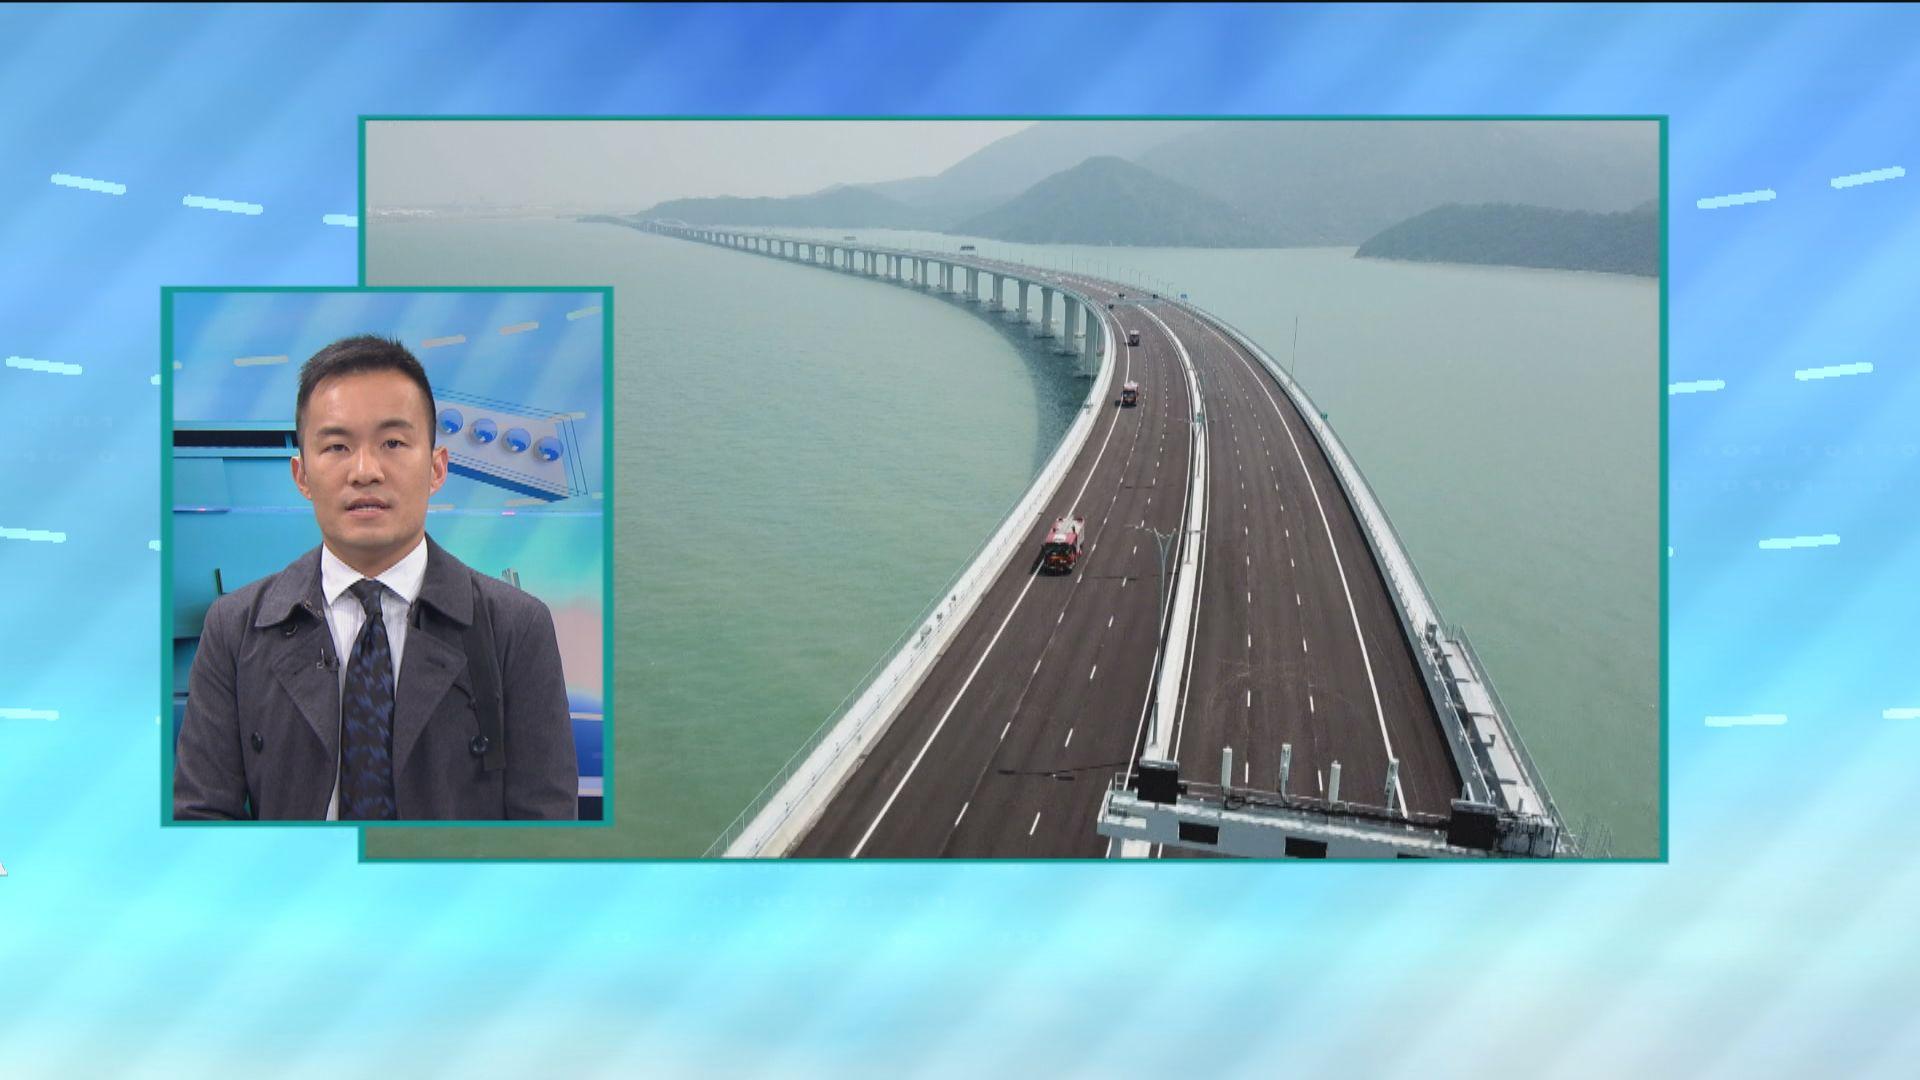 【政情】大橋開通禁攜手機 只能目測無法留影